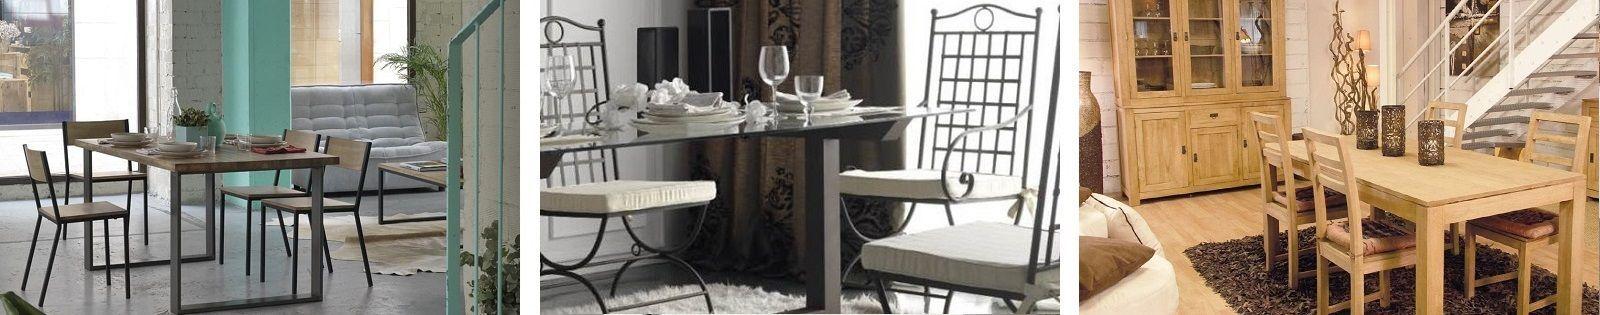 Chaise bois massif : acacia, chêne, hévéa, teck et exotique en bambou, rotin et fer forgé. Lotuséa